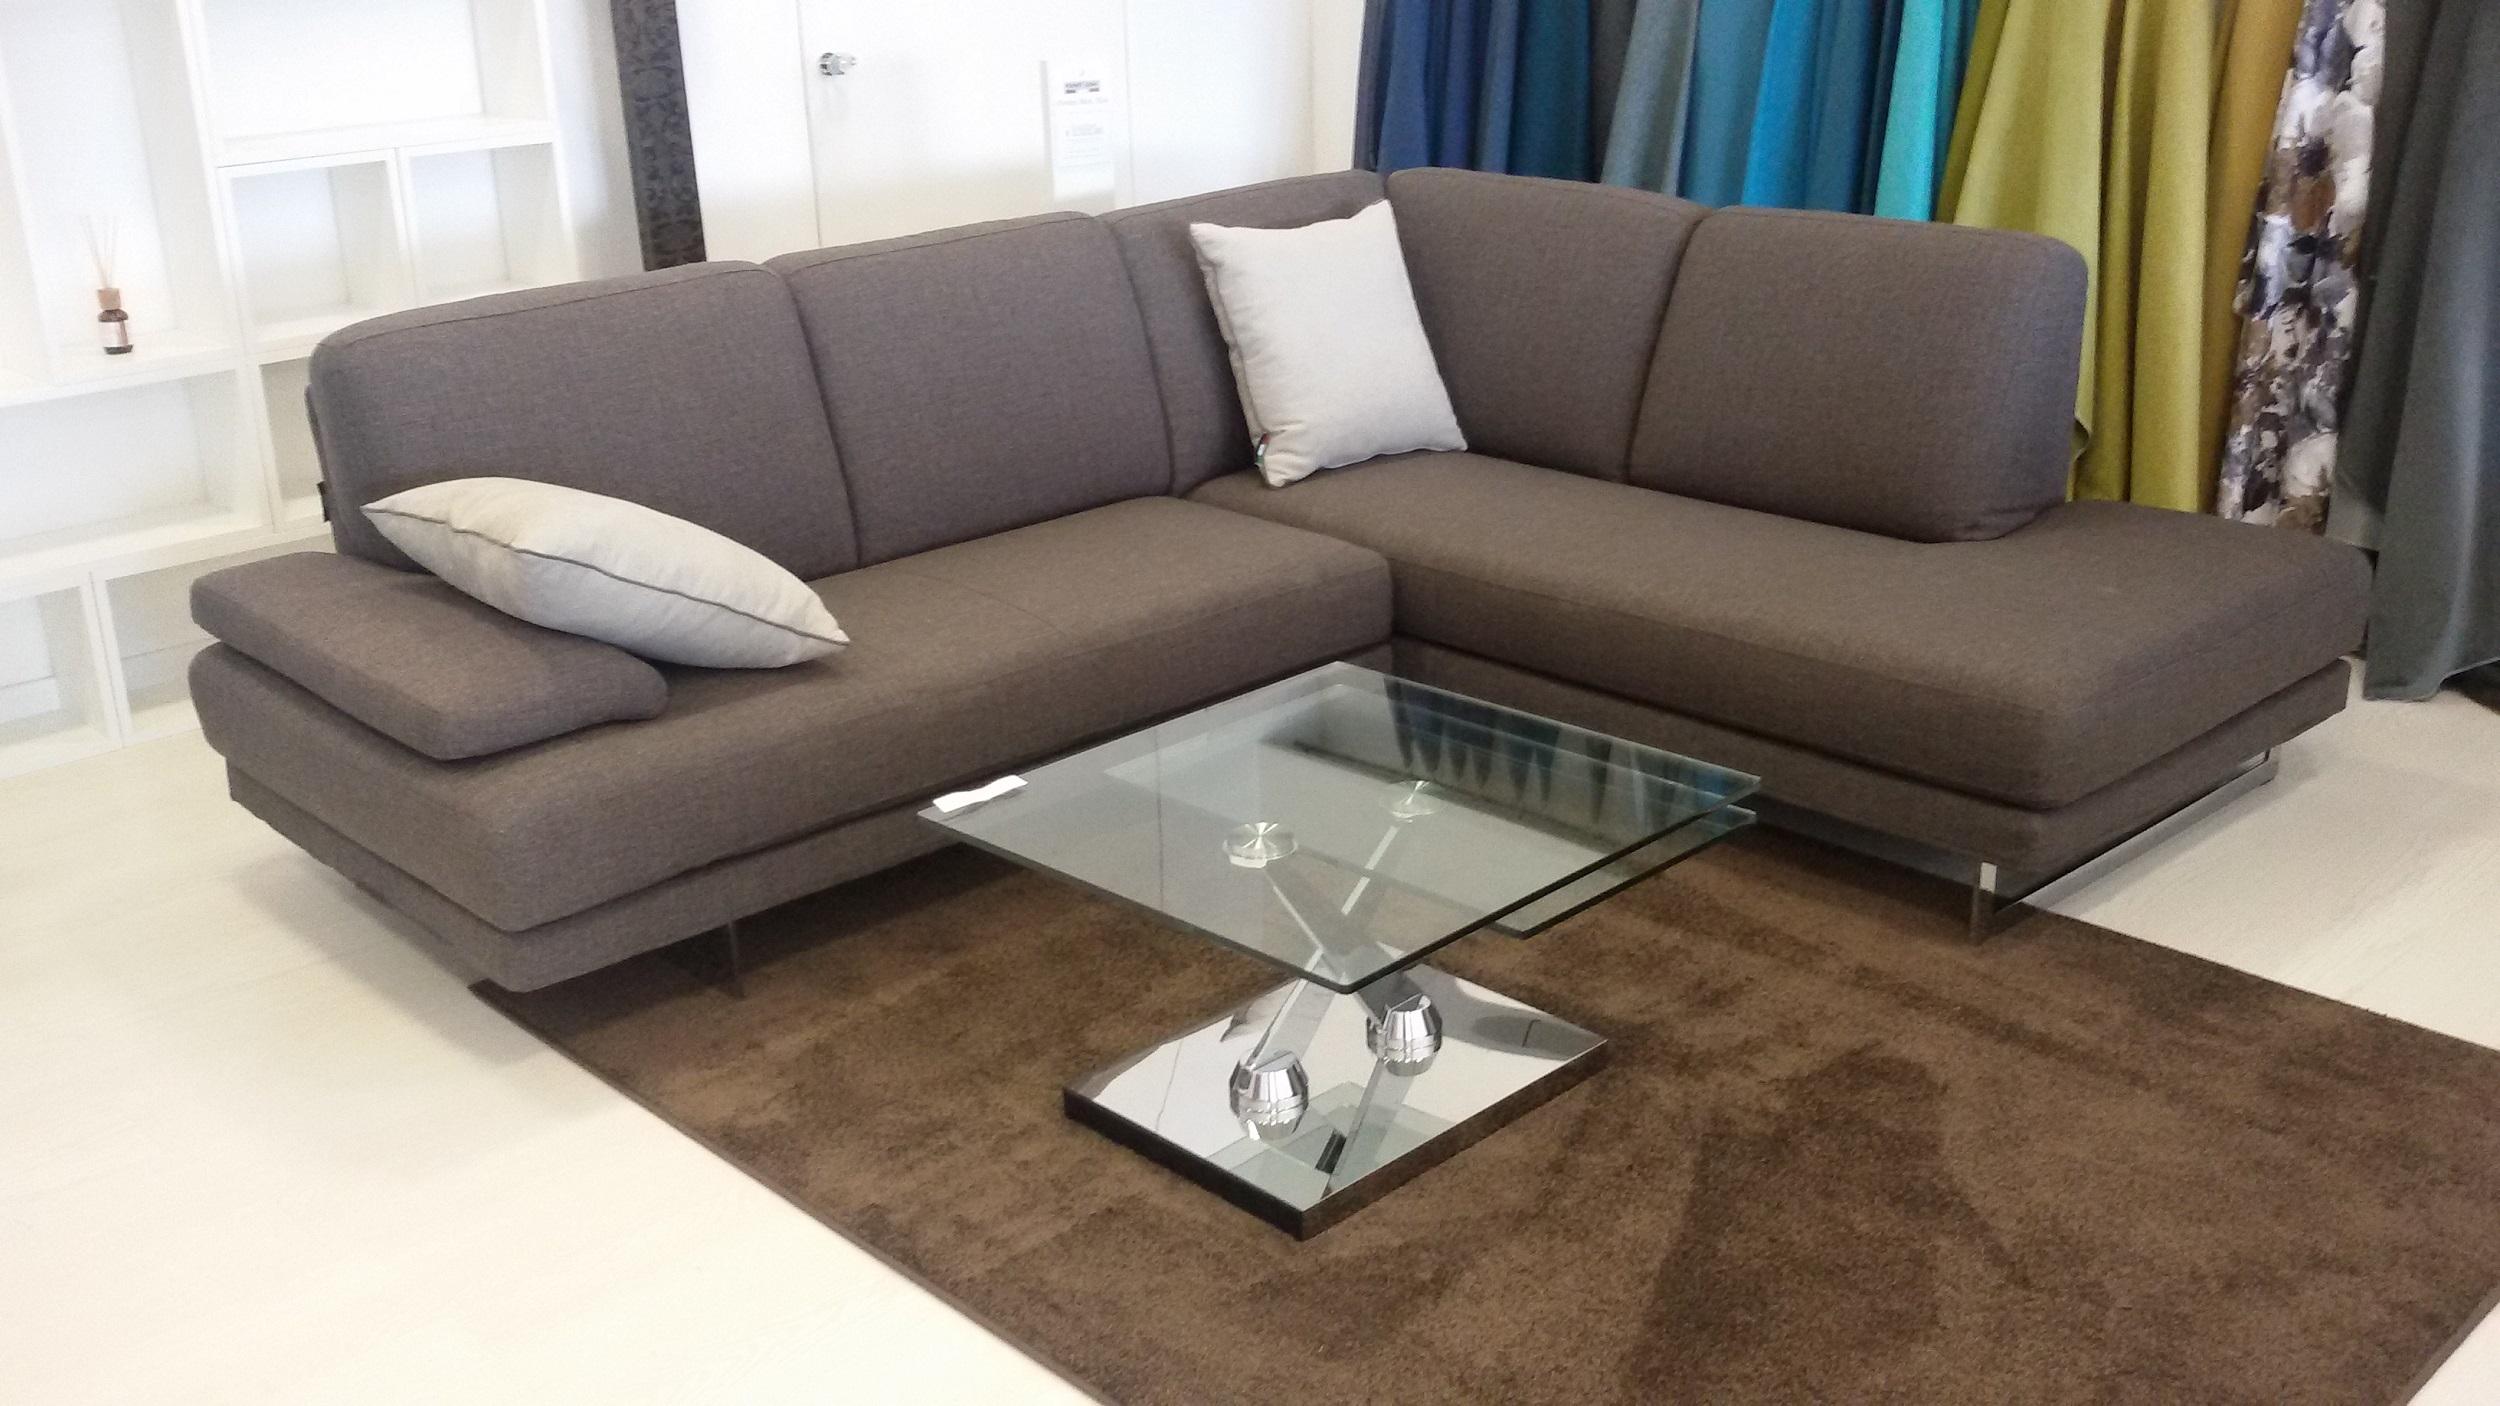 Divano angolare in tessuto divani a prezzi scontati for Divani e divani angolari prezzi